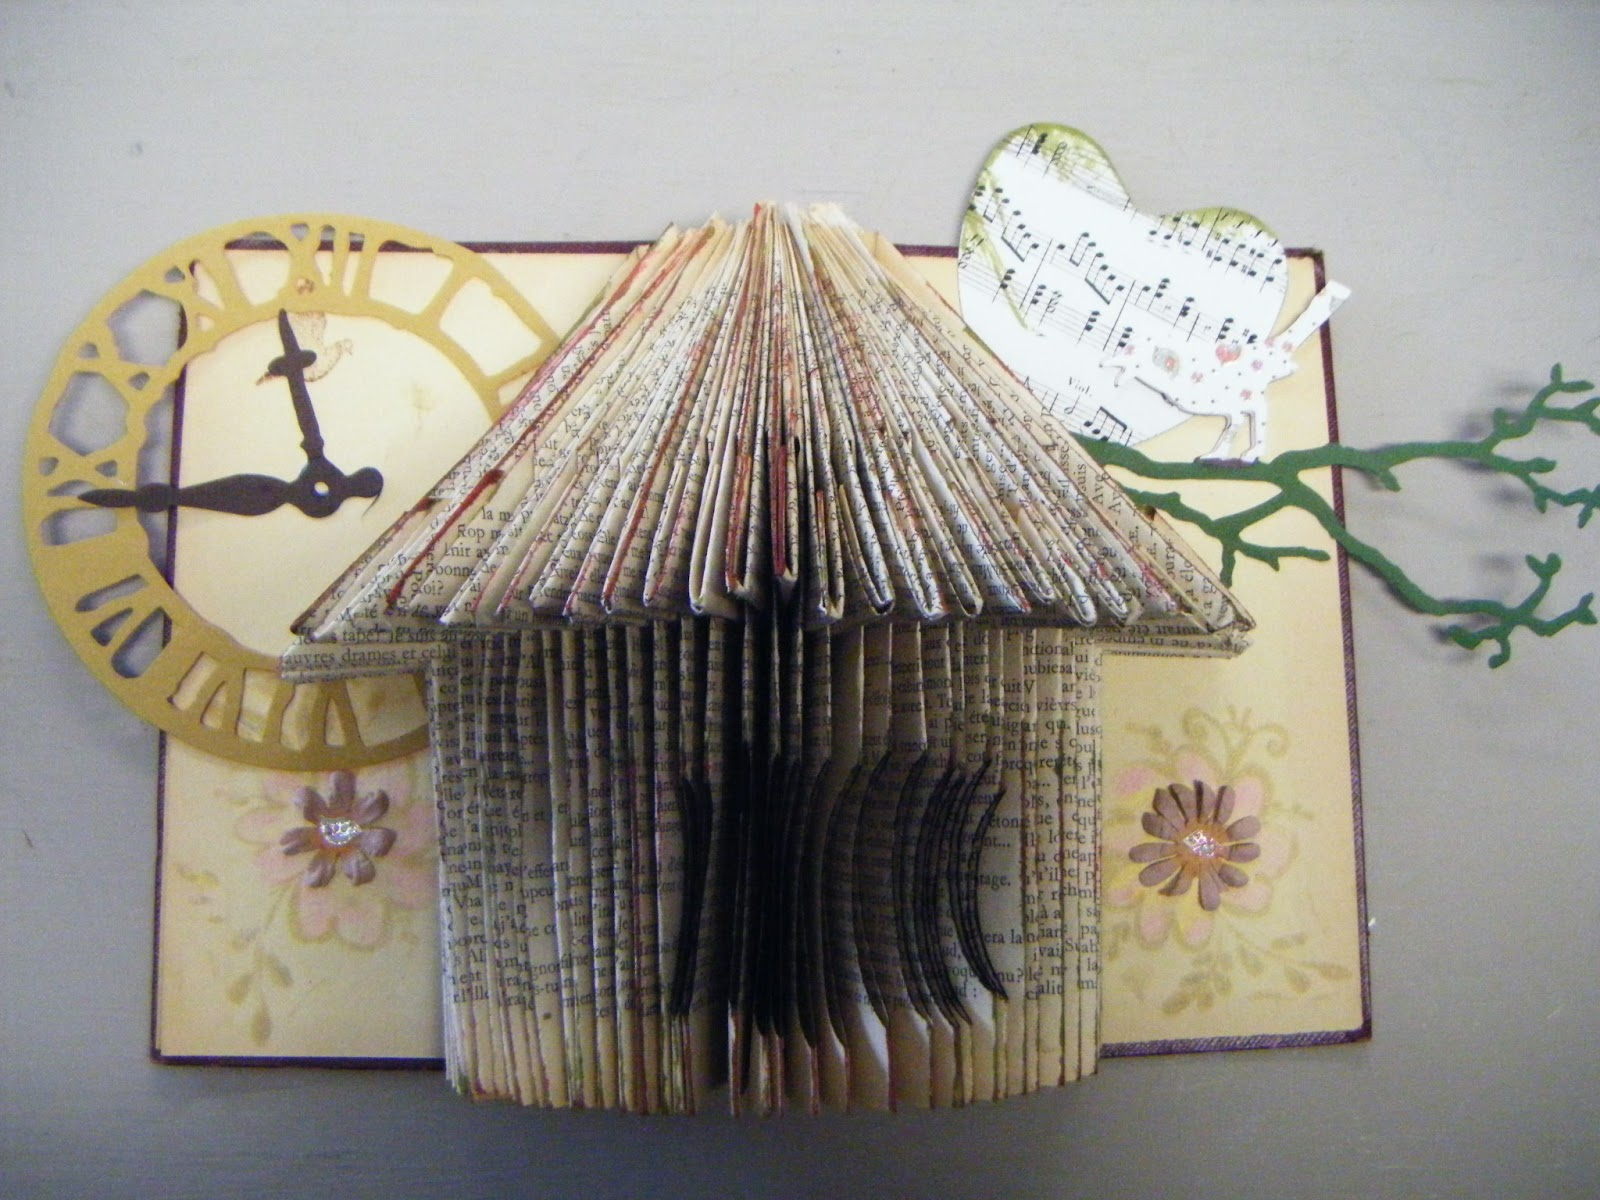 les causeries de martine pliage en forme de nichoir pour l 39 anniversaire de ma fille. Black Bedroom Furniture Sets. Home Design Ideas